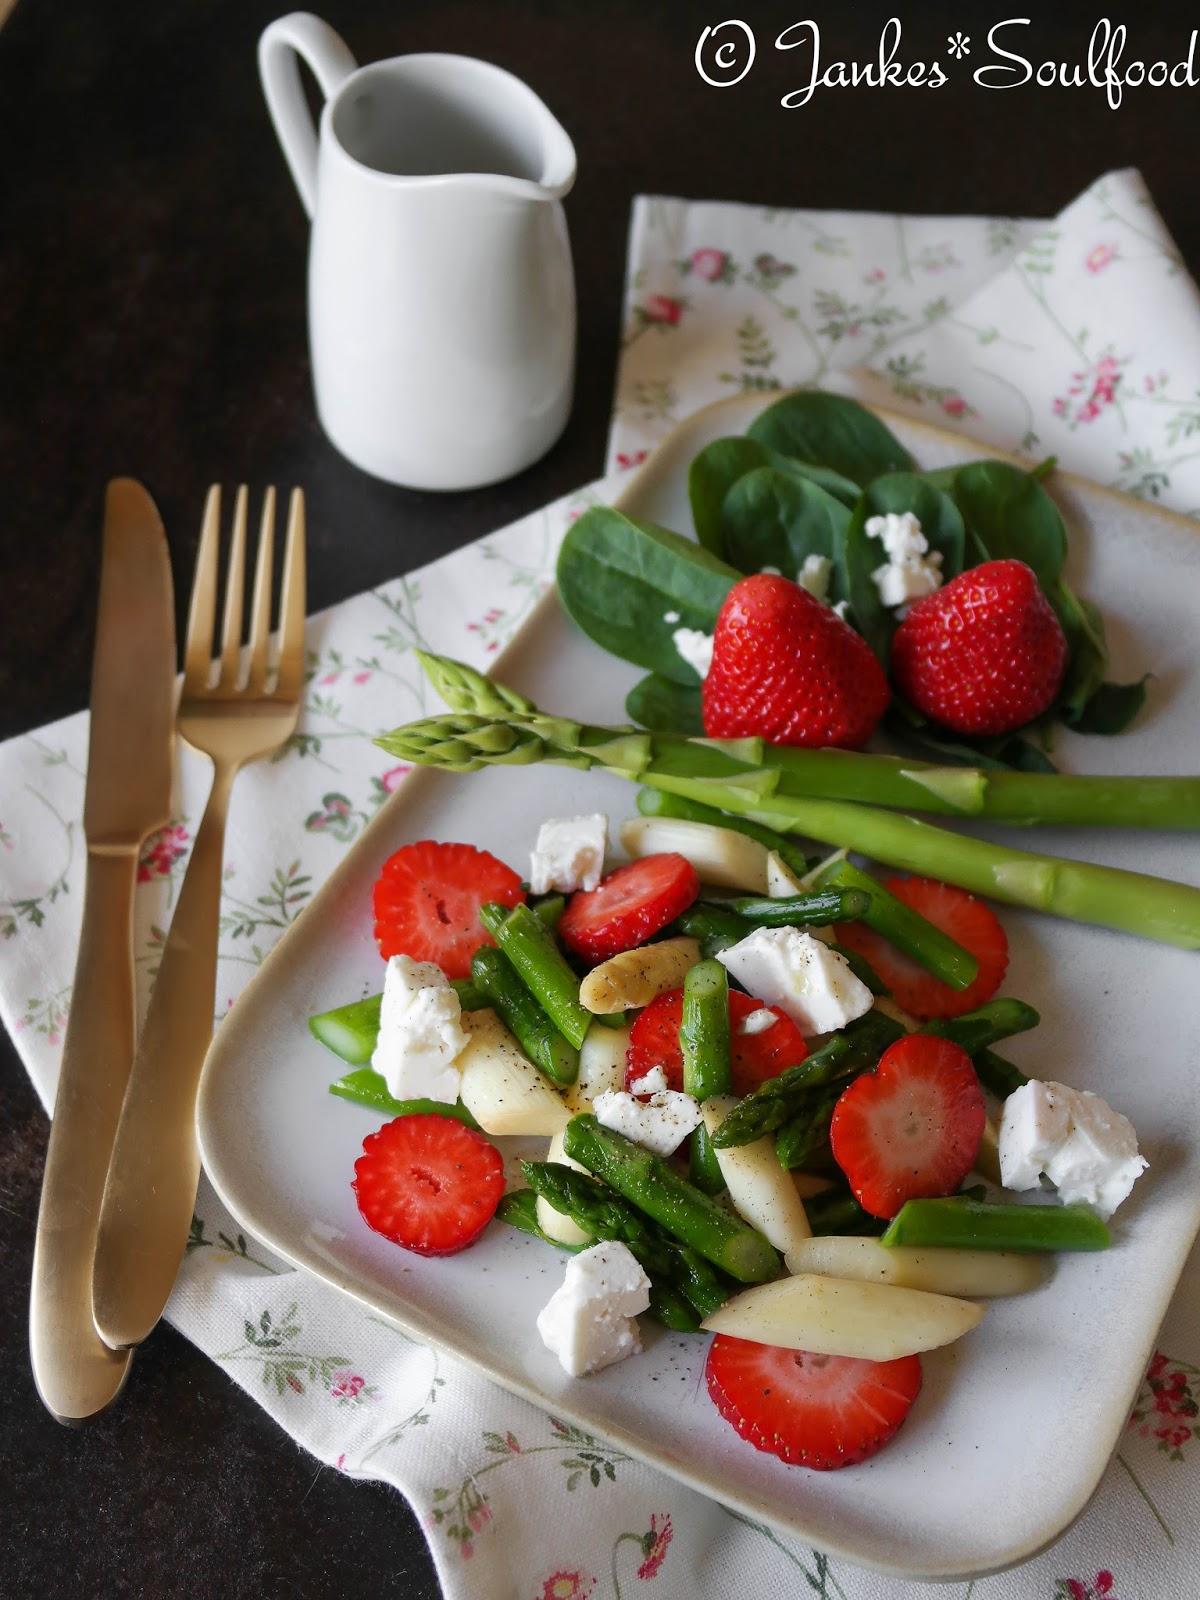 Spargel-Erdbeer-Salat von Jankes*Soulfood